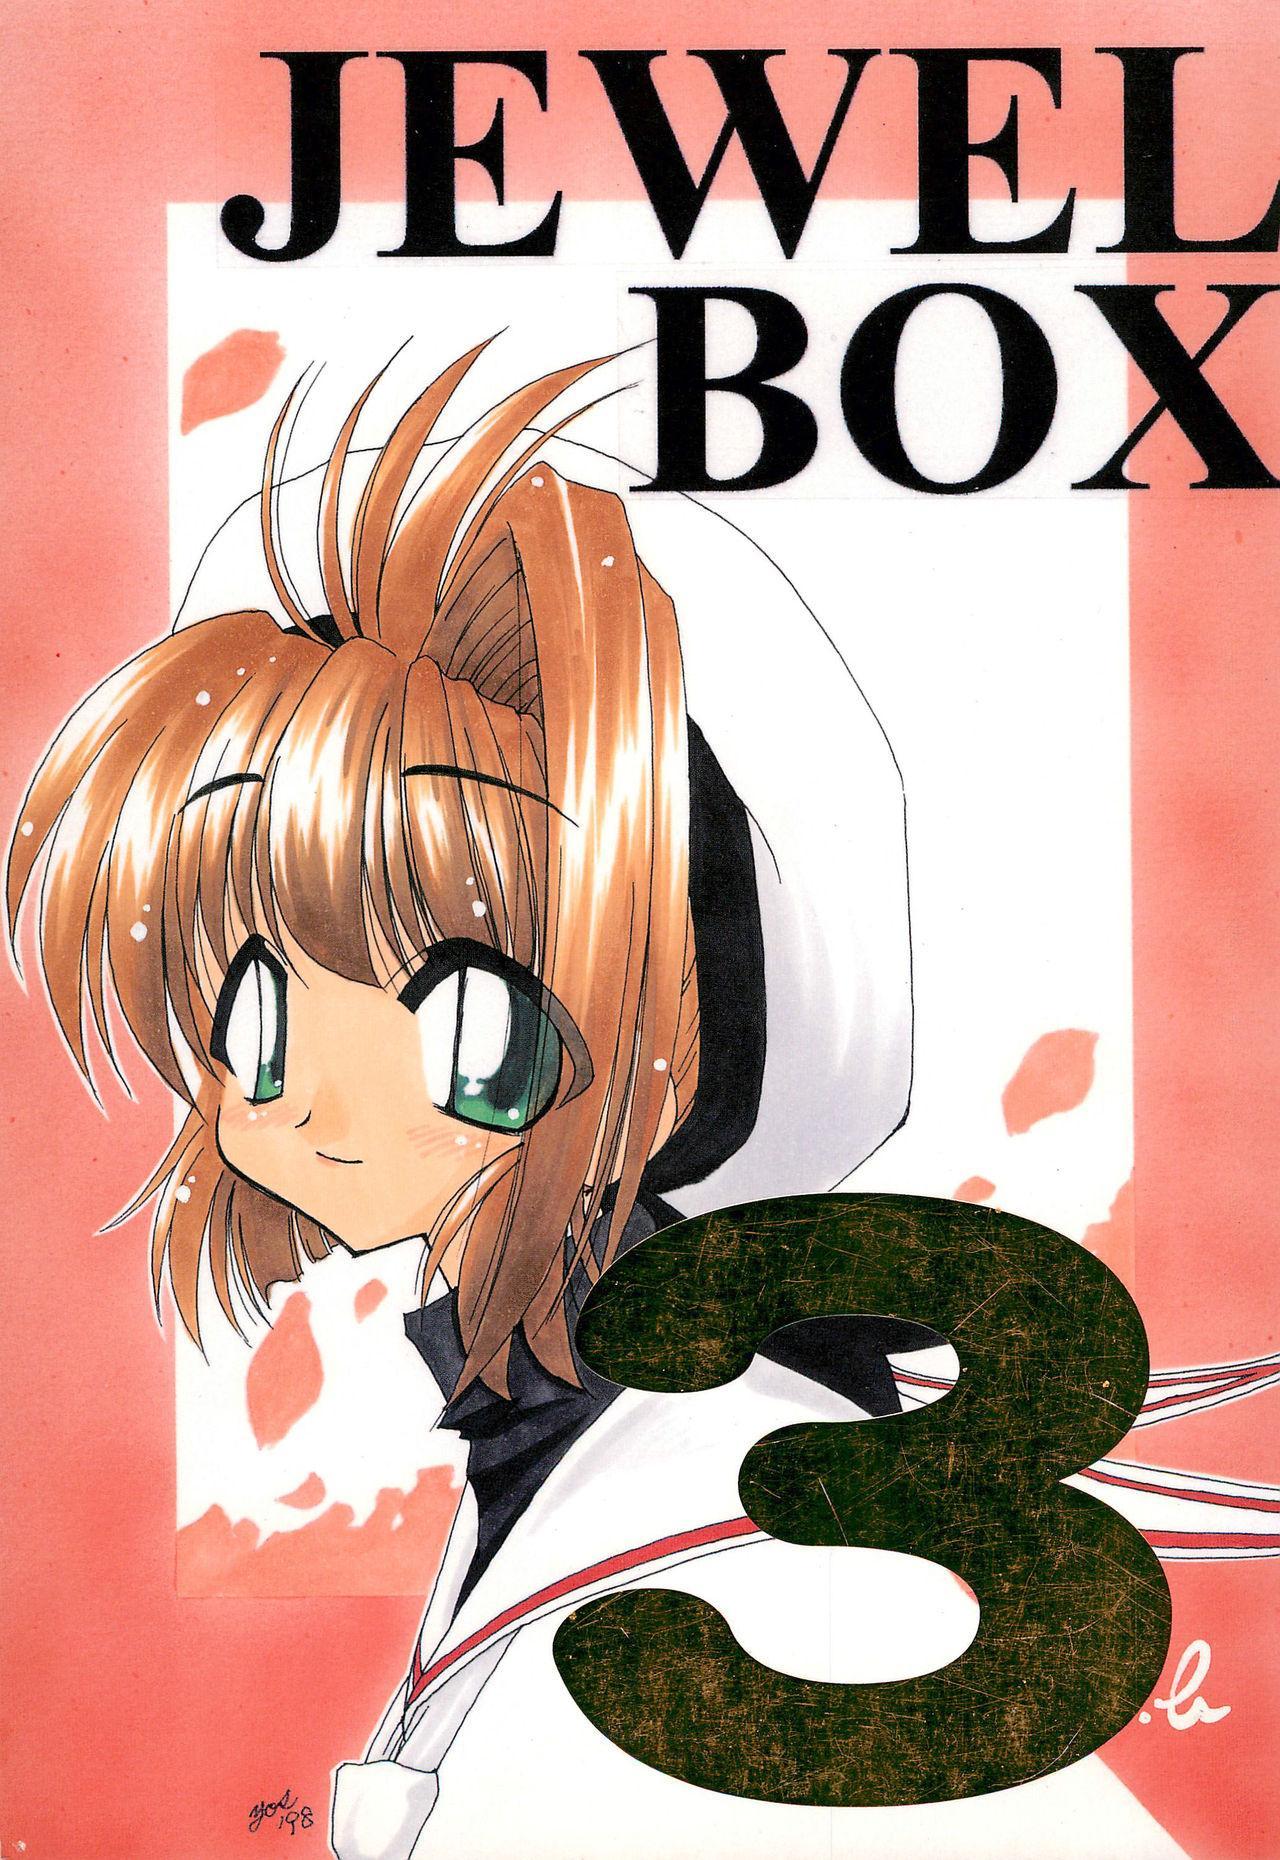 JEWEL BOX 3 0